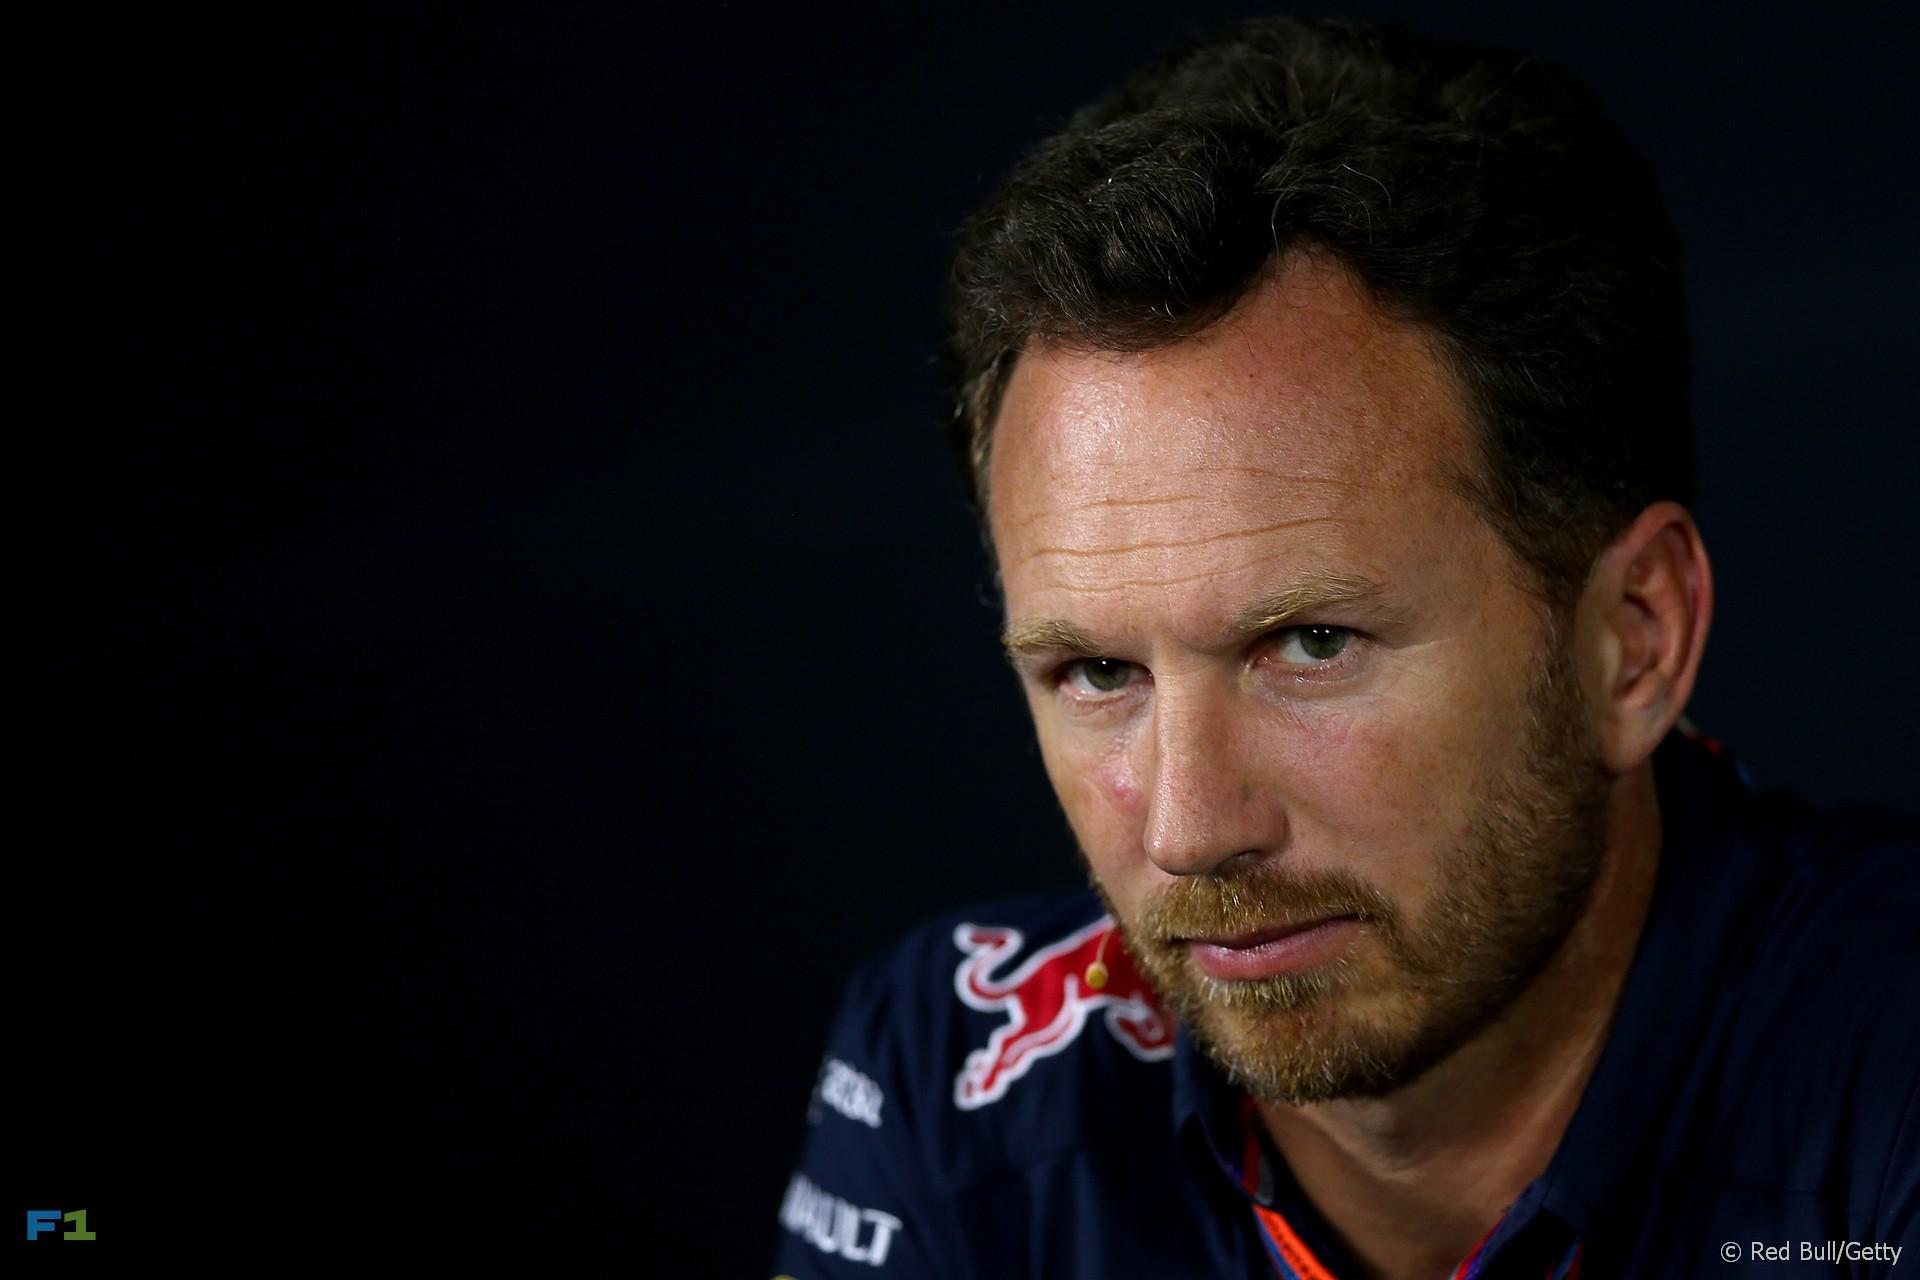 Christian Horner, Red Bull, Monza, 2015